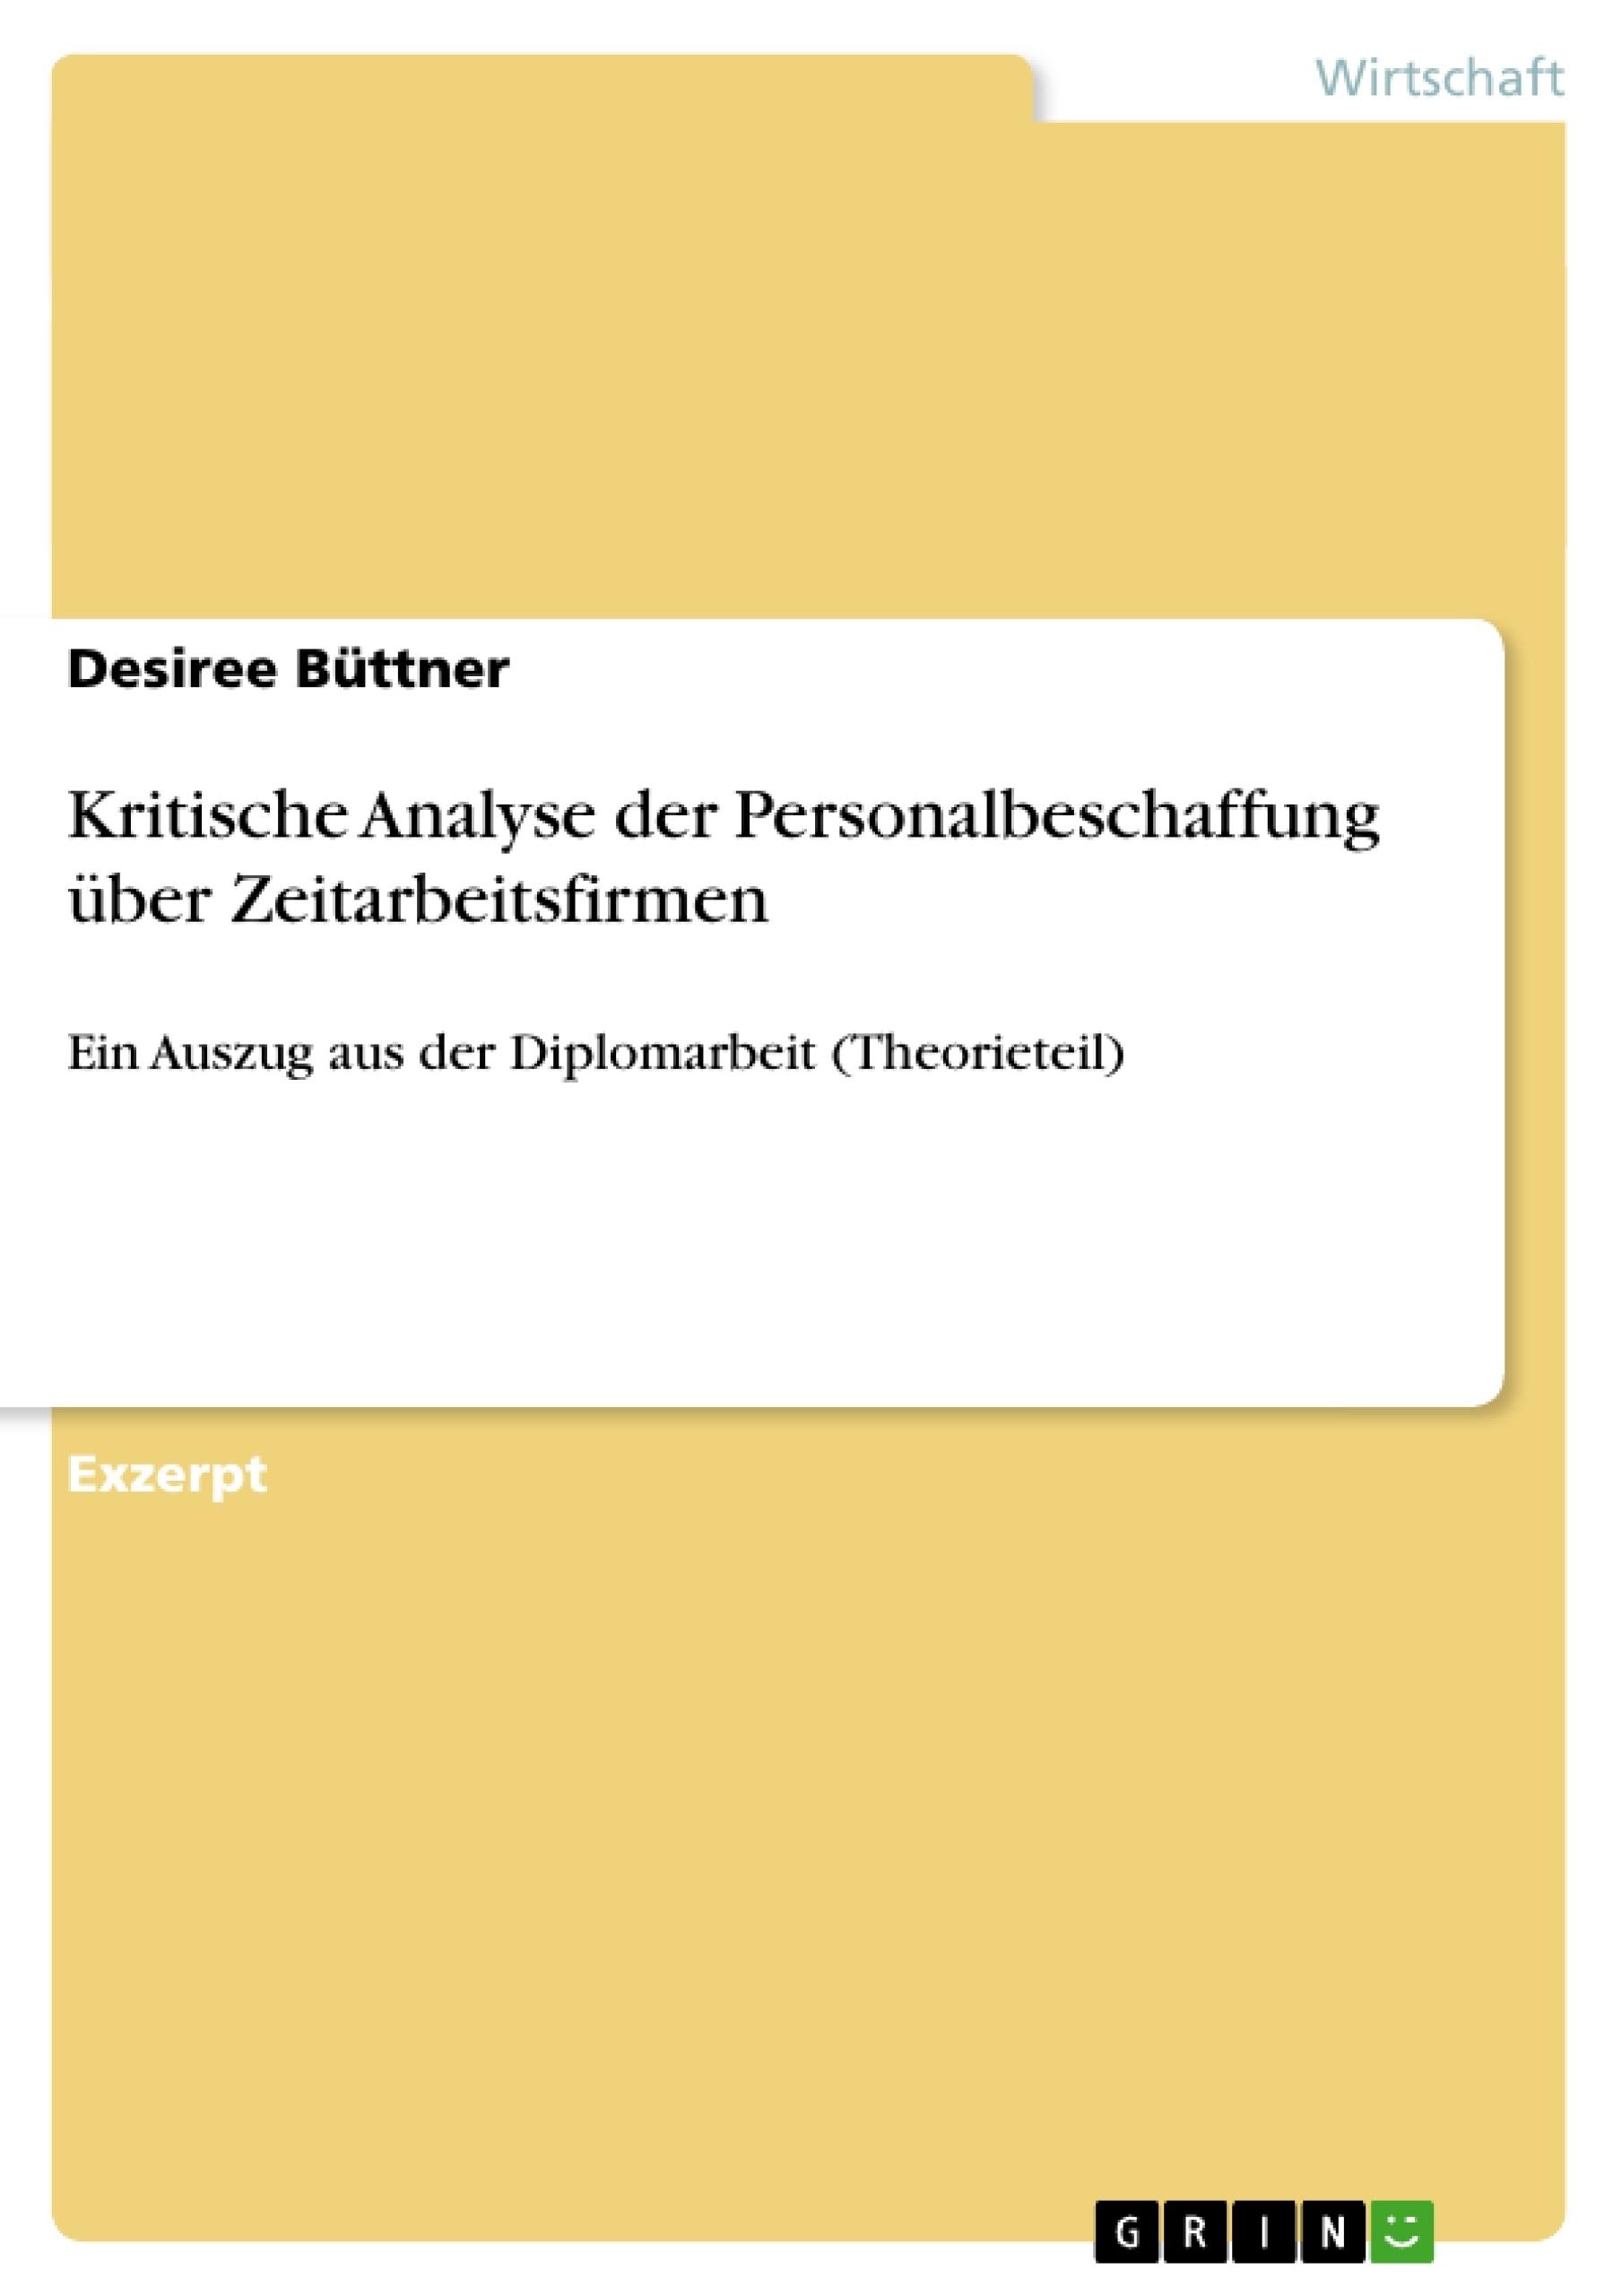 Titel: Kritische Analyse der Personalbeschaffung über Zeitarbeitsfirmen